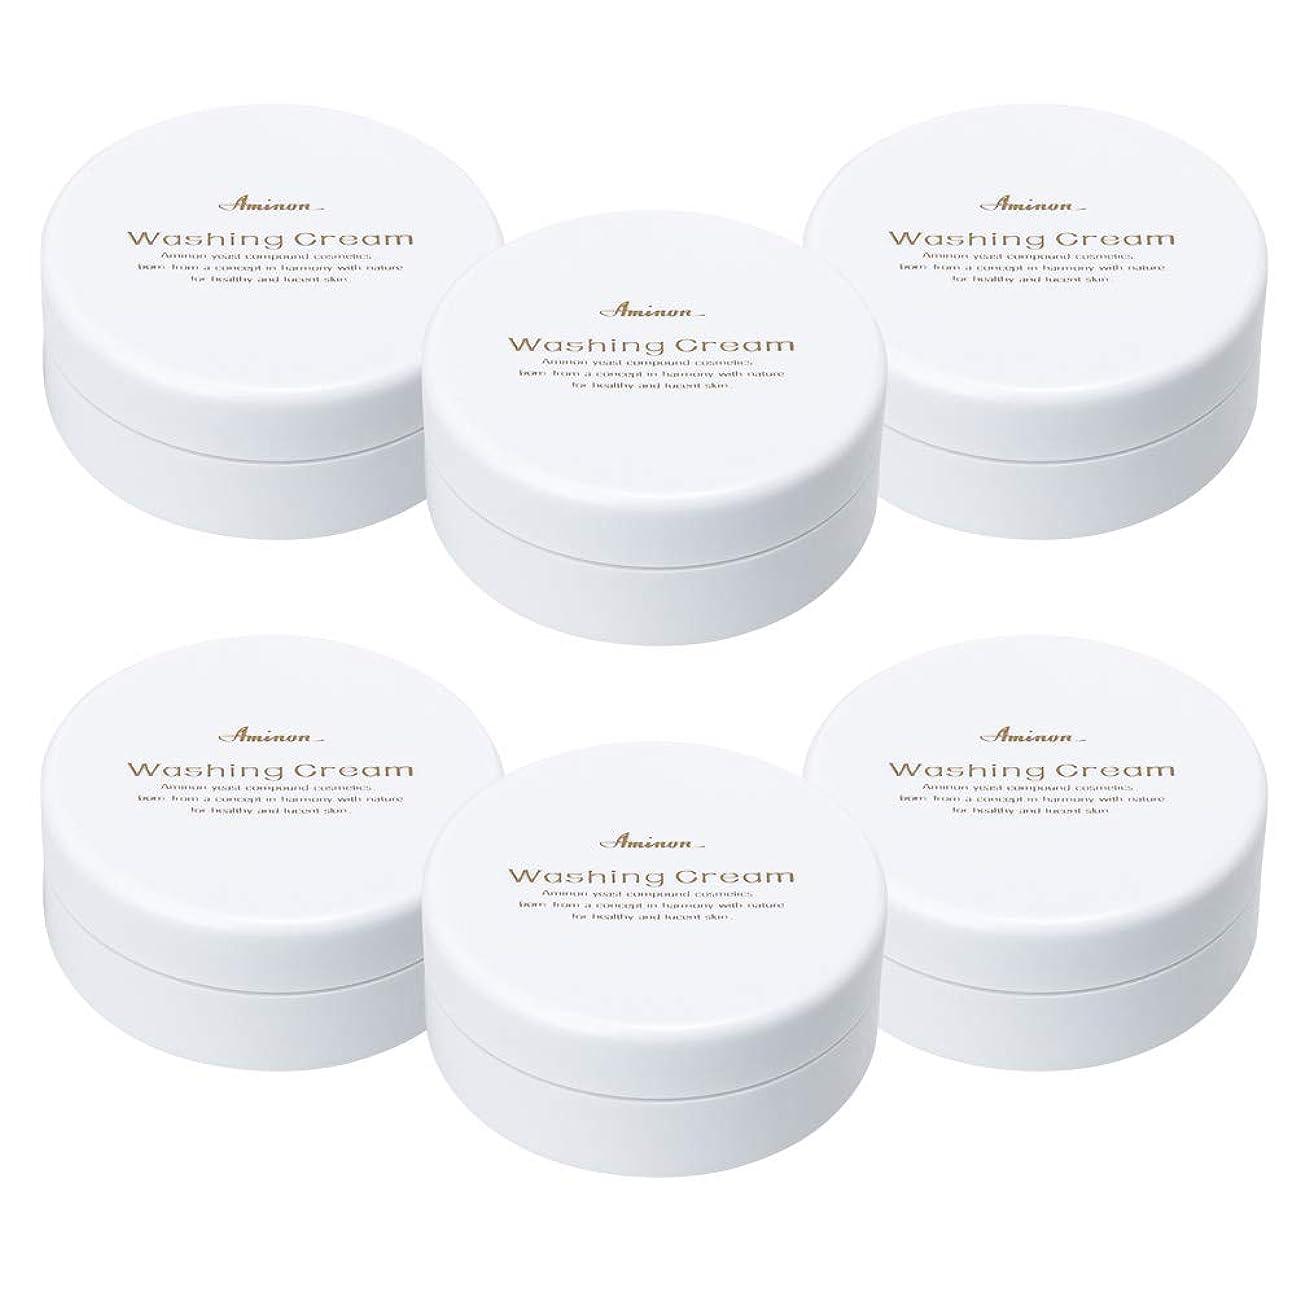 リーアストロラーベテーブルアミノン 洗顔クリーム 90g (6個セット)